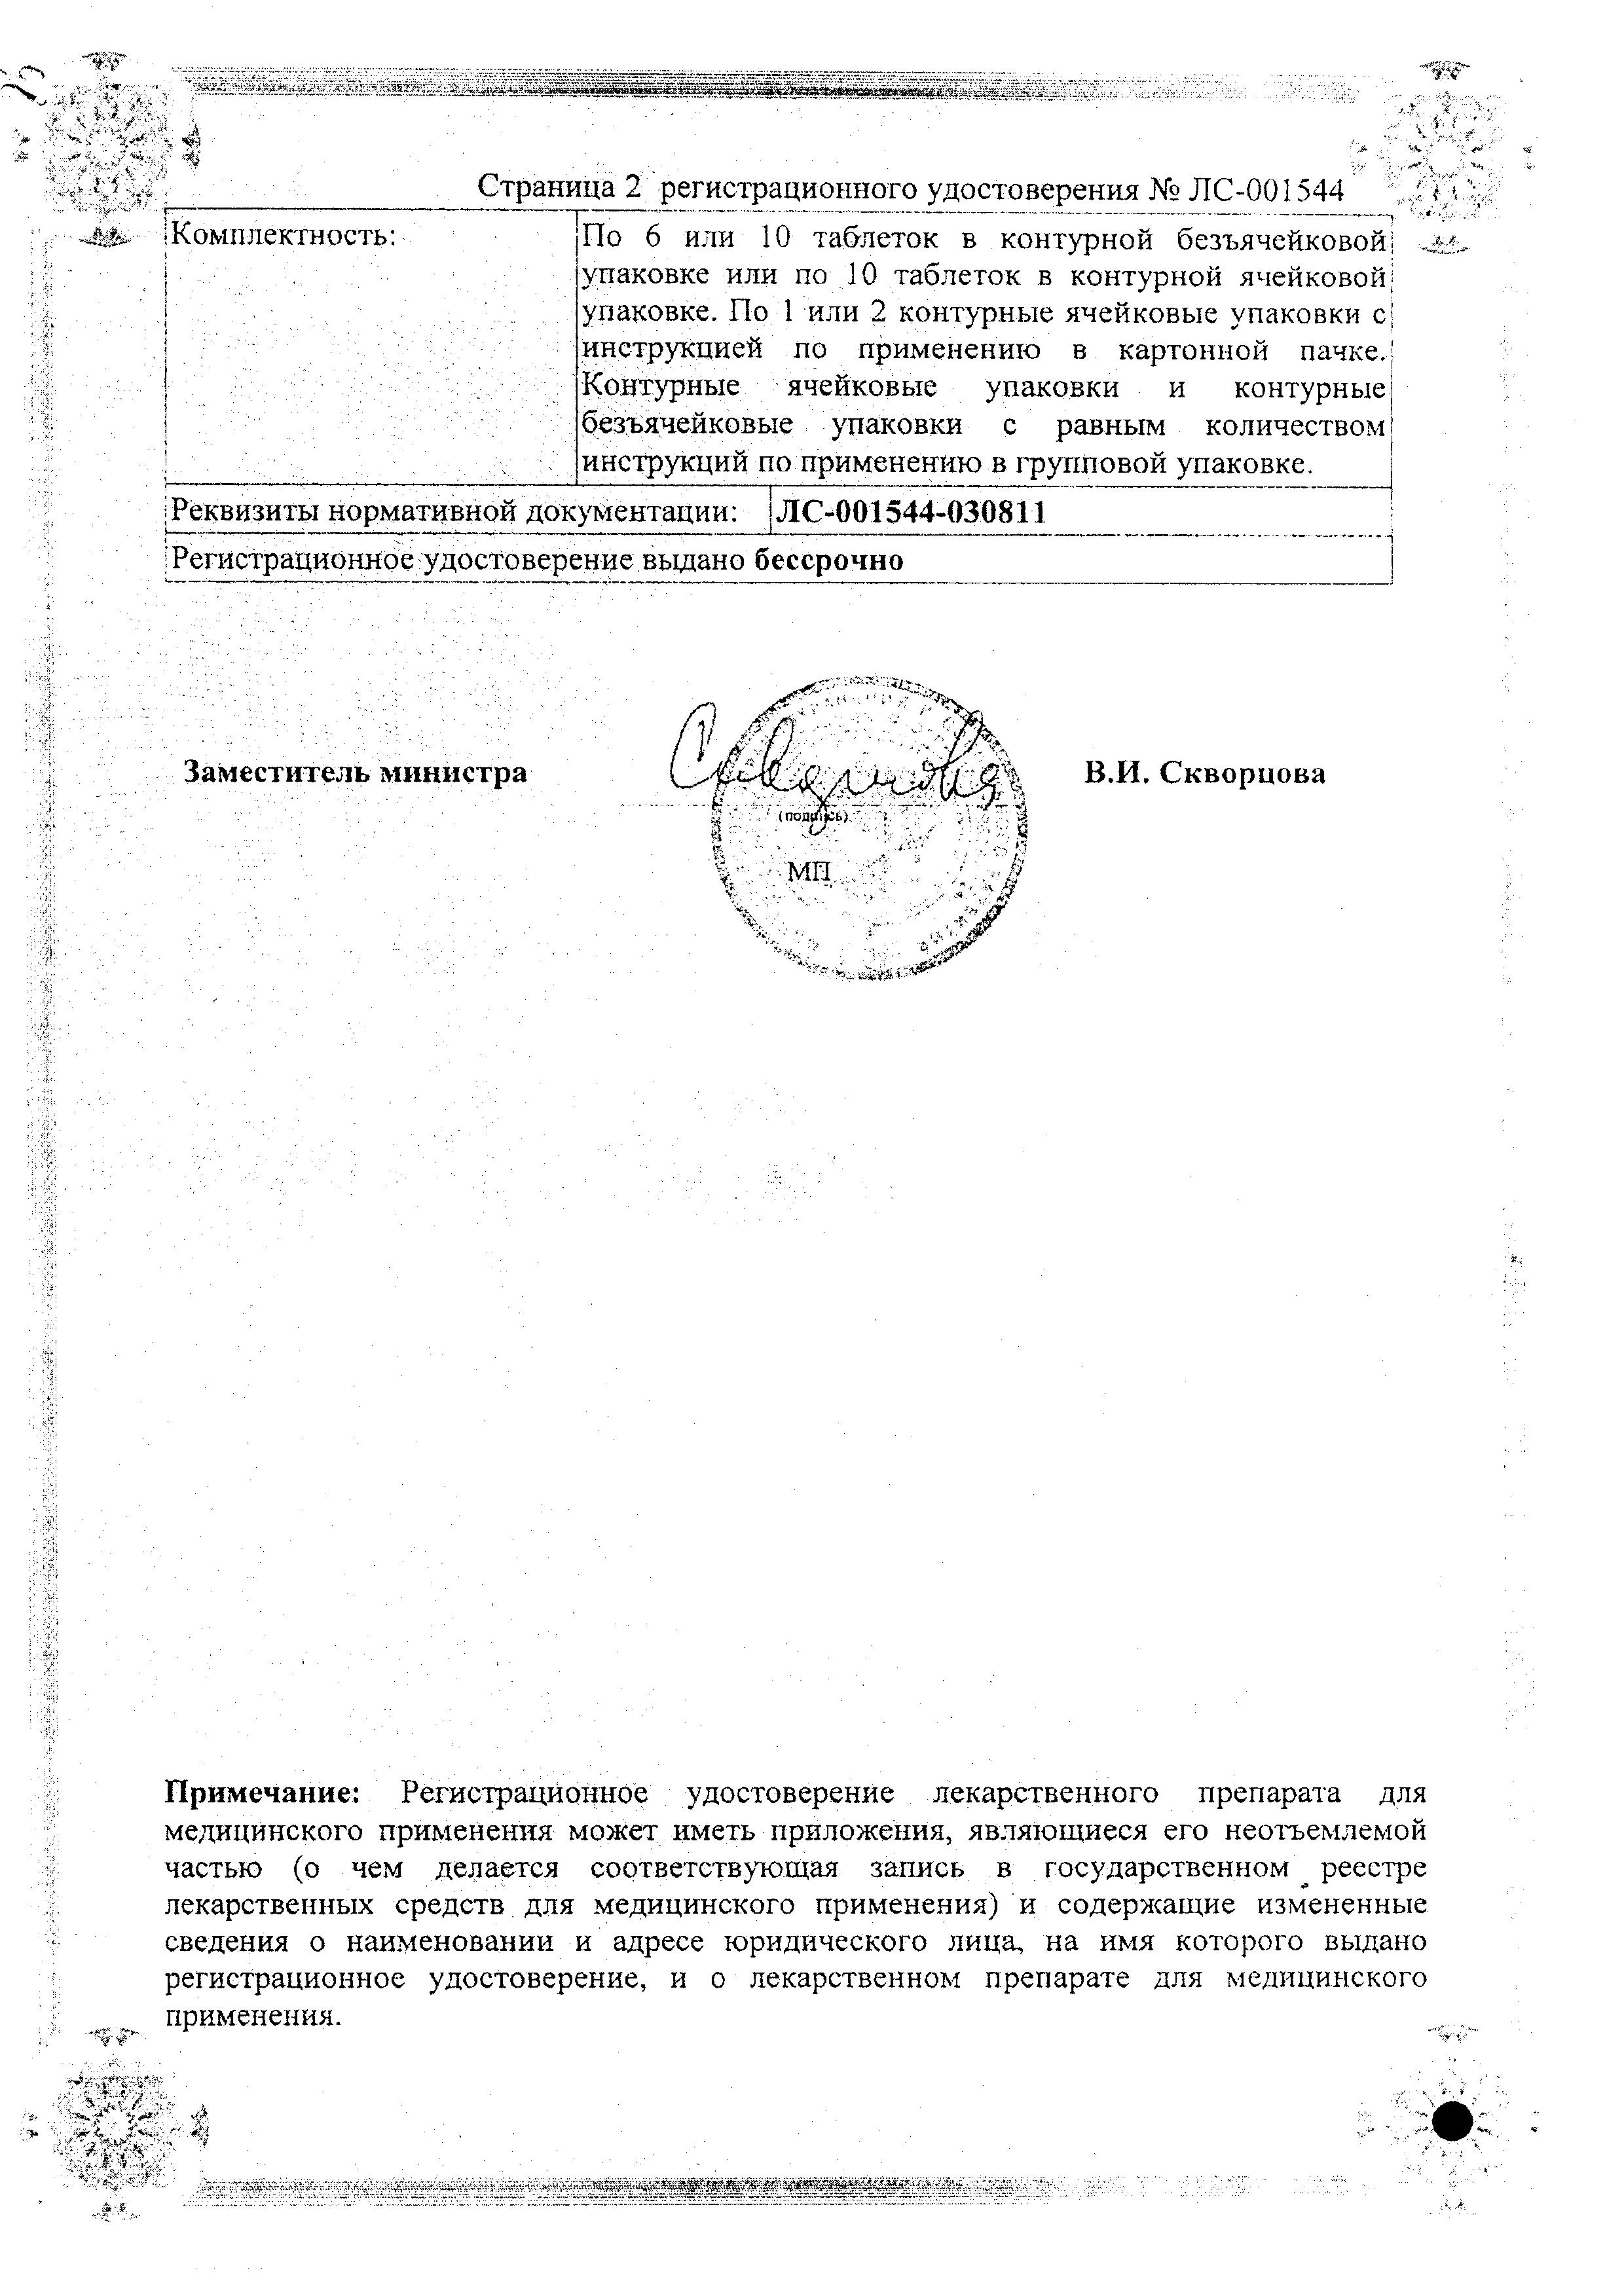 Кофеина-бензоат натрия сертификат